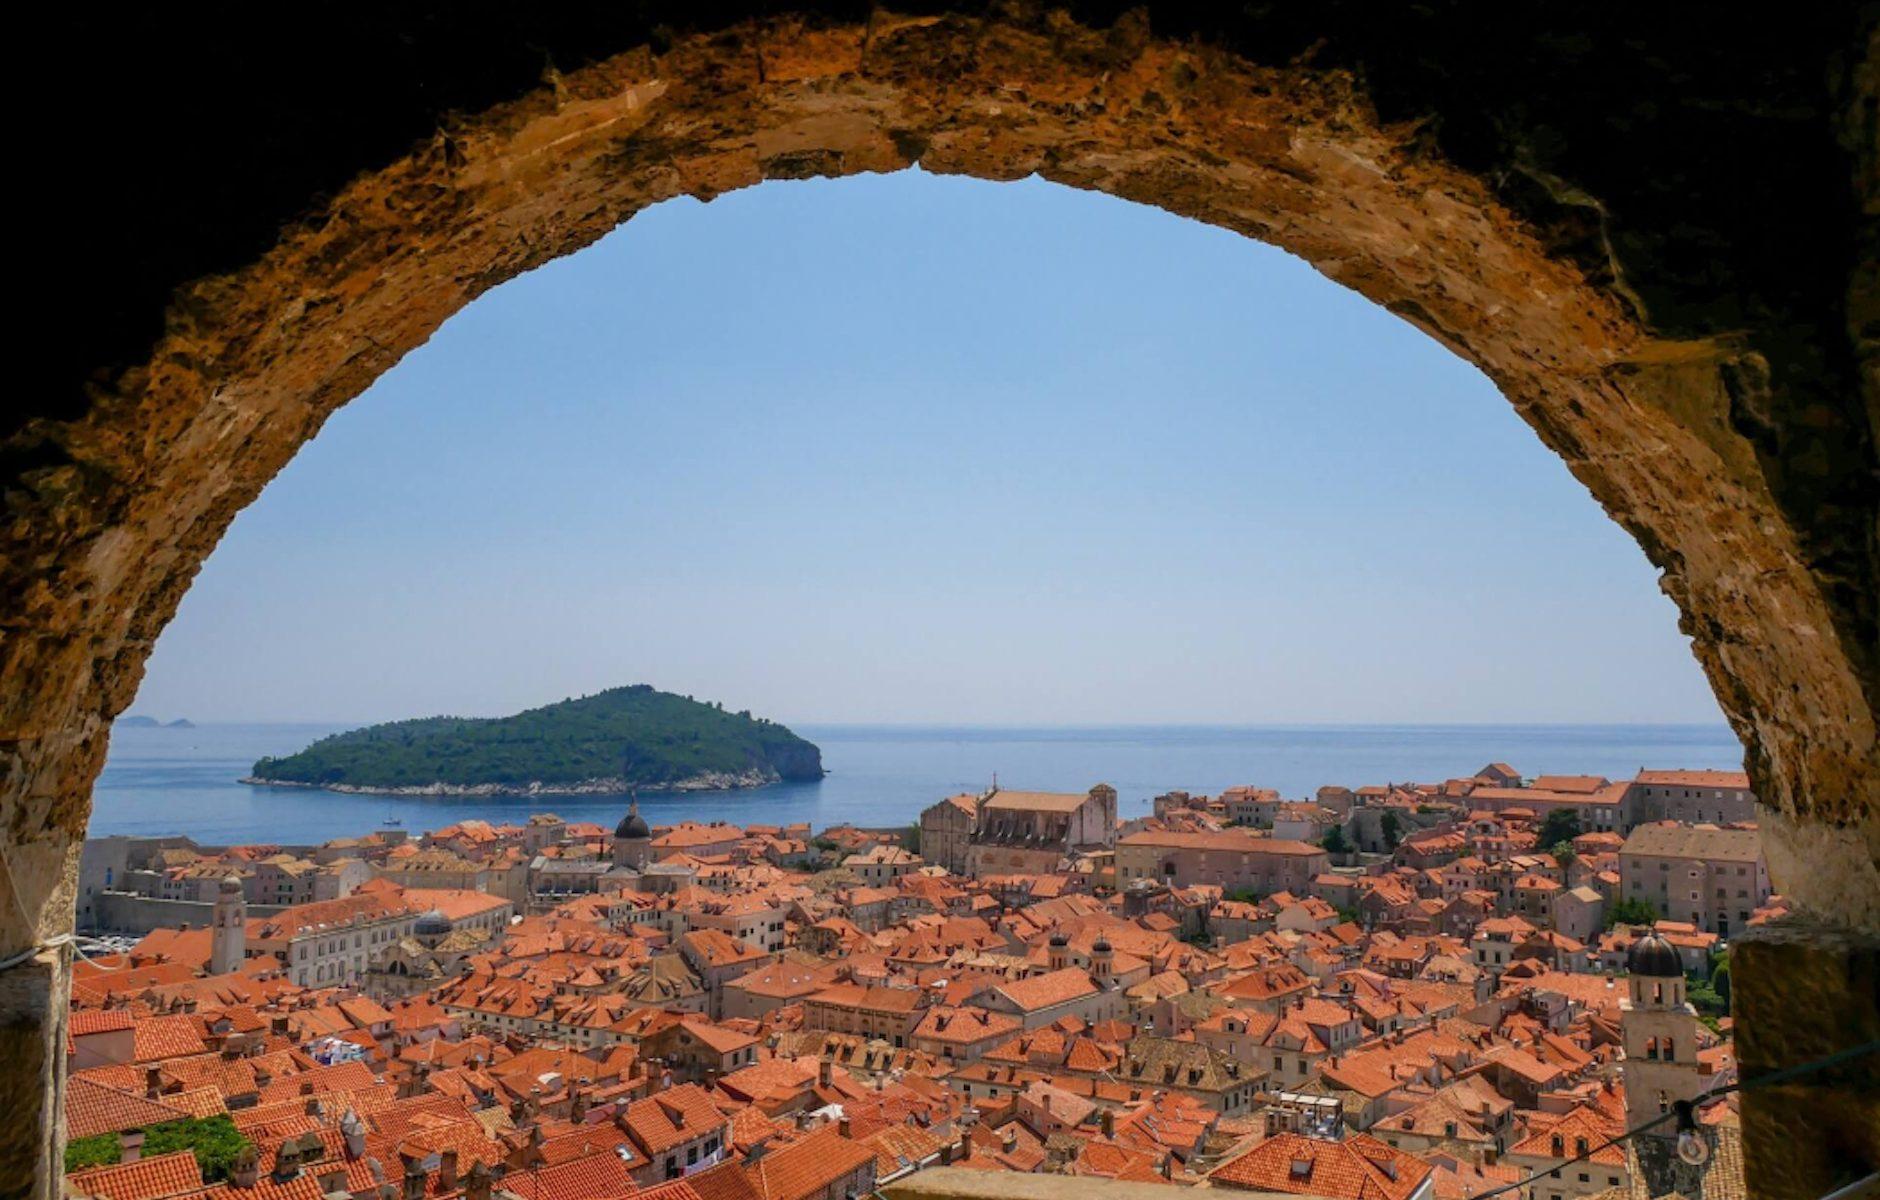 Dubrovnik: Conhece a cidade medieval na costa do Mar Adriático © lavidaesmara